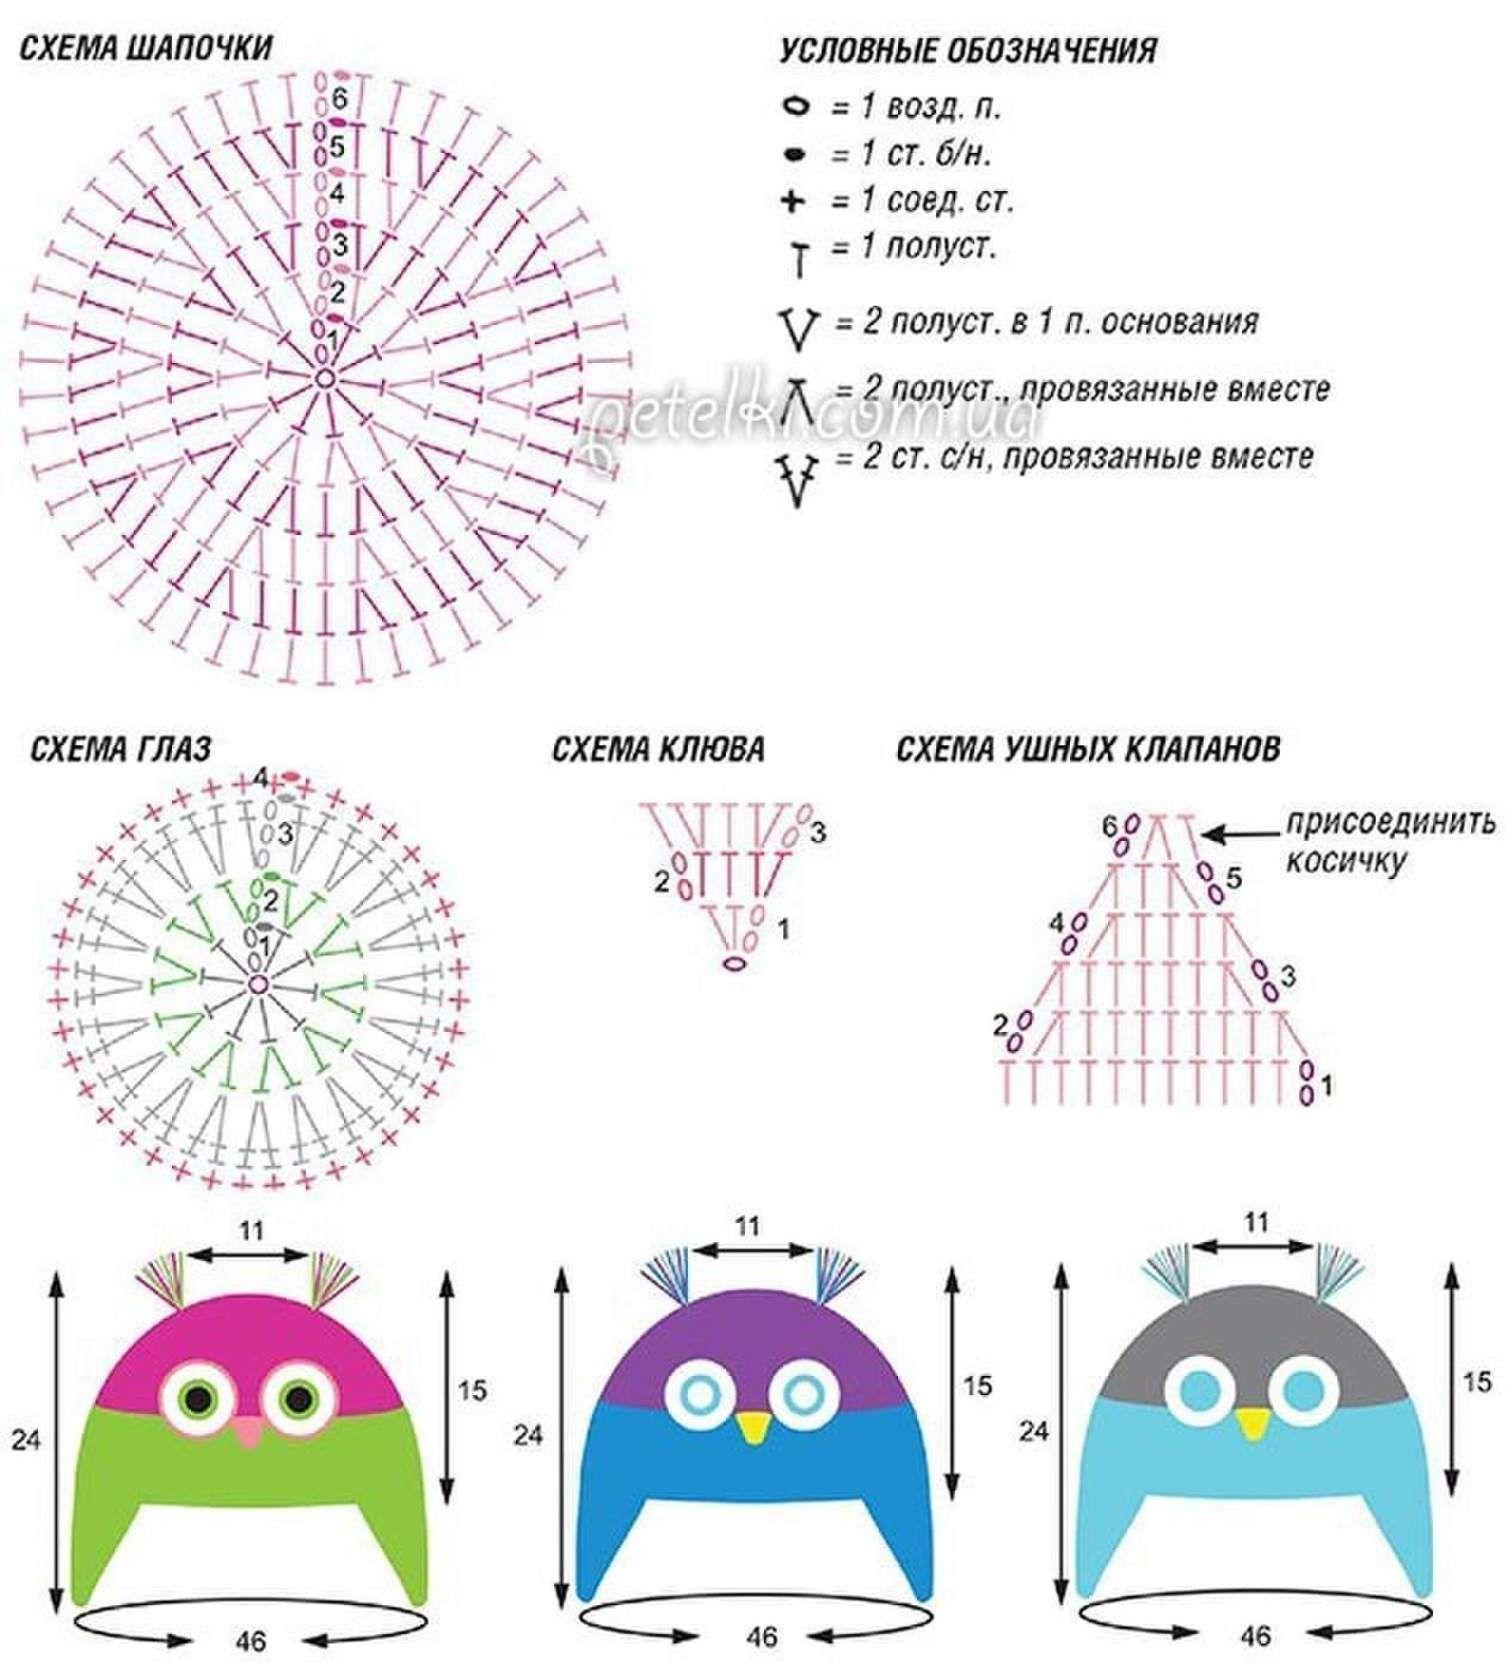 PATRONES CROCHET (amigurumis y varios) | Pinterest | Gorros ...